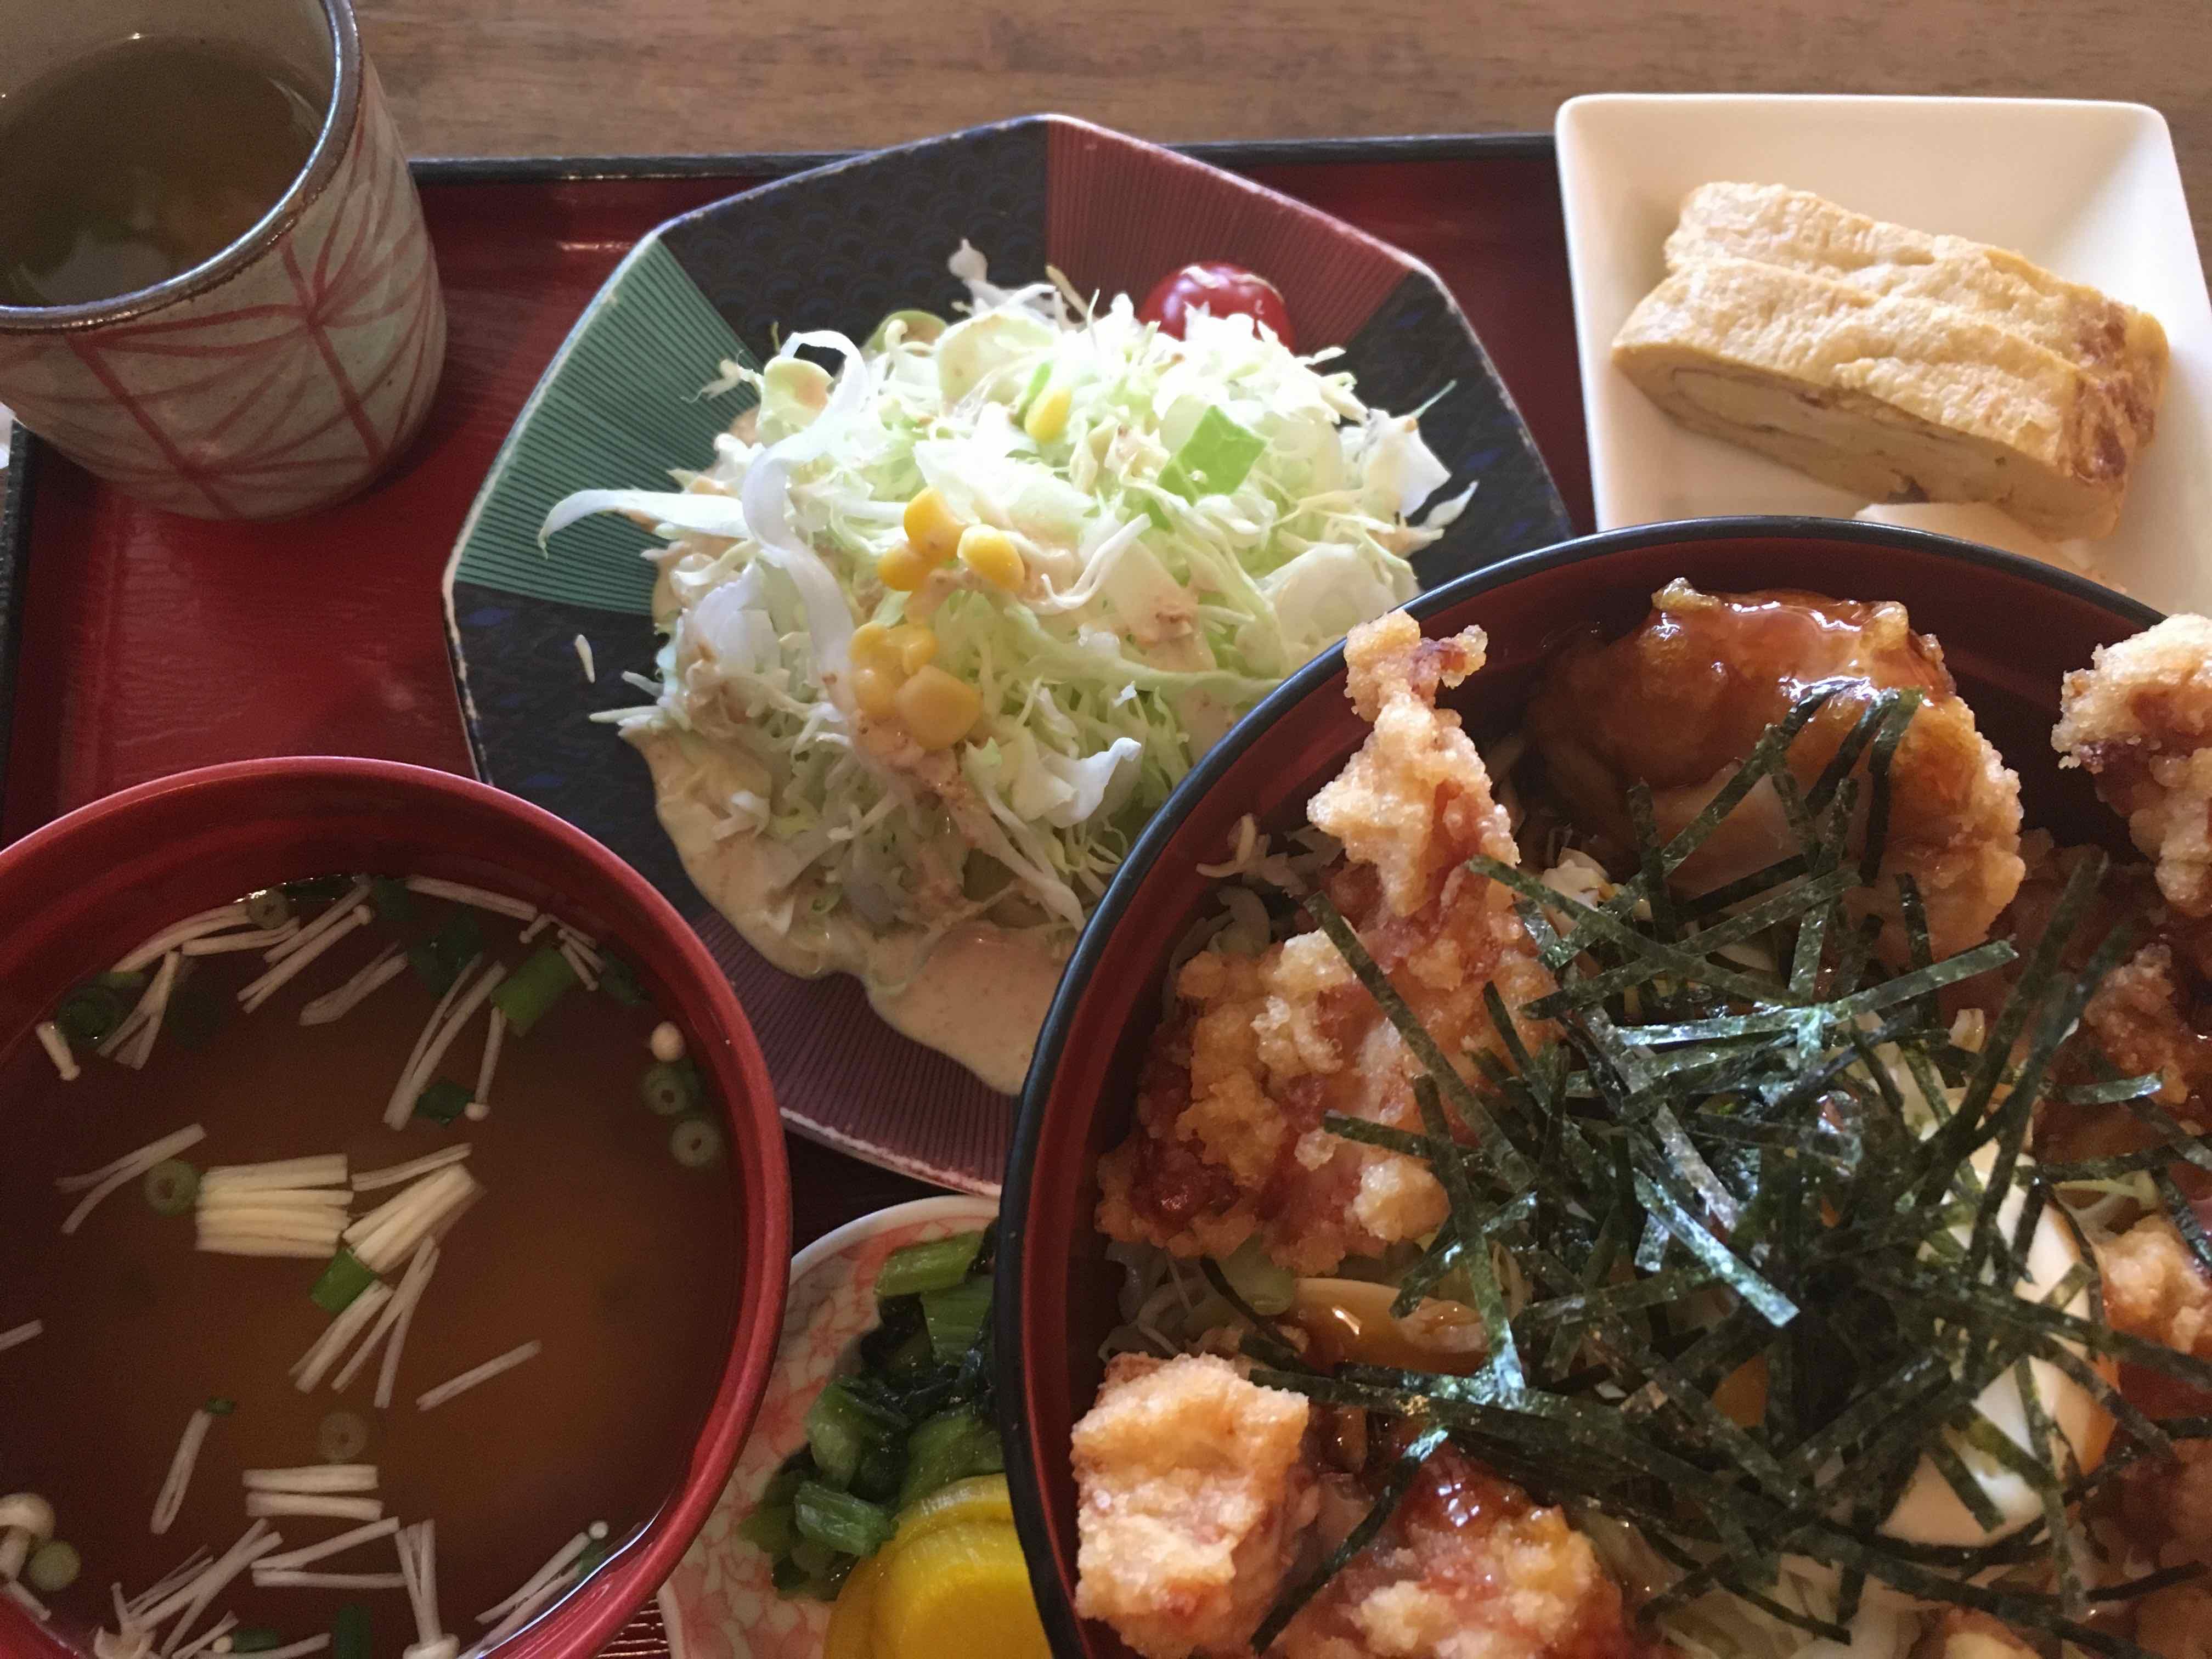 みとん今治,東村,アメリカ,カフェレストラン,1円ケーキ